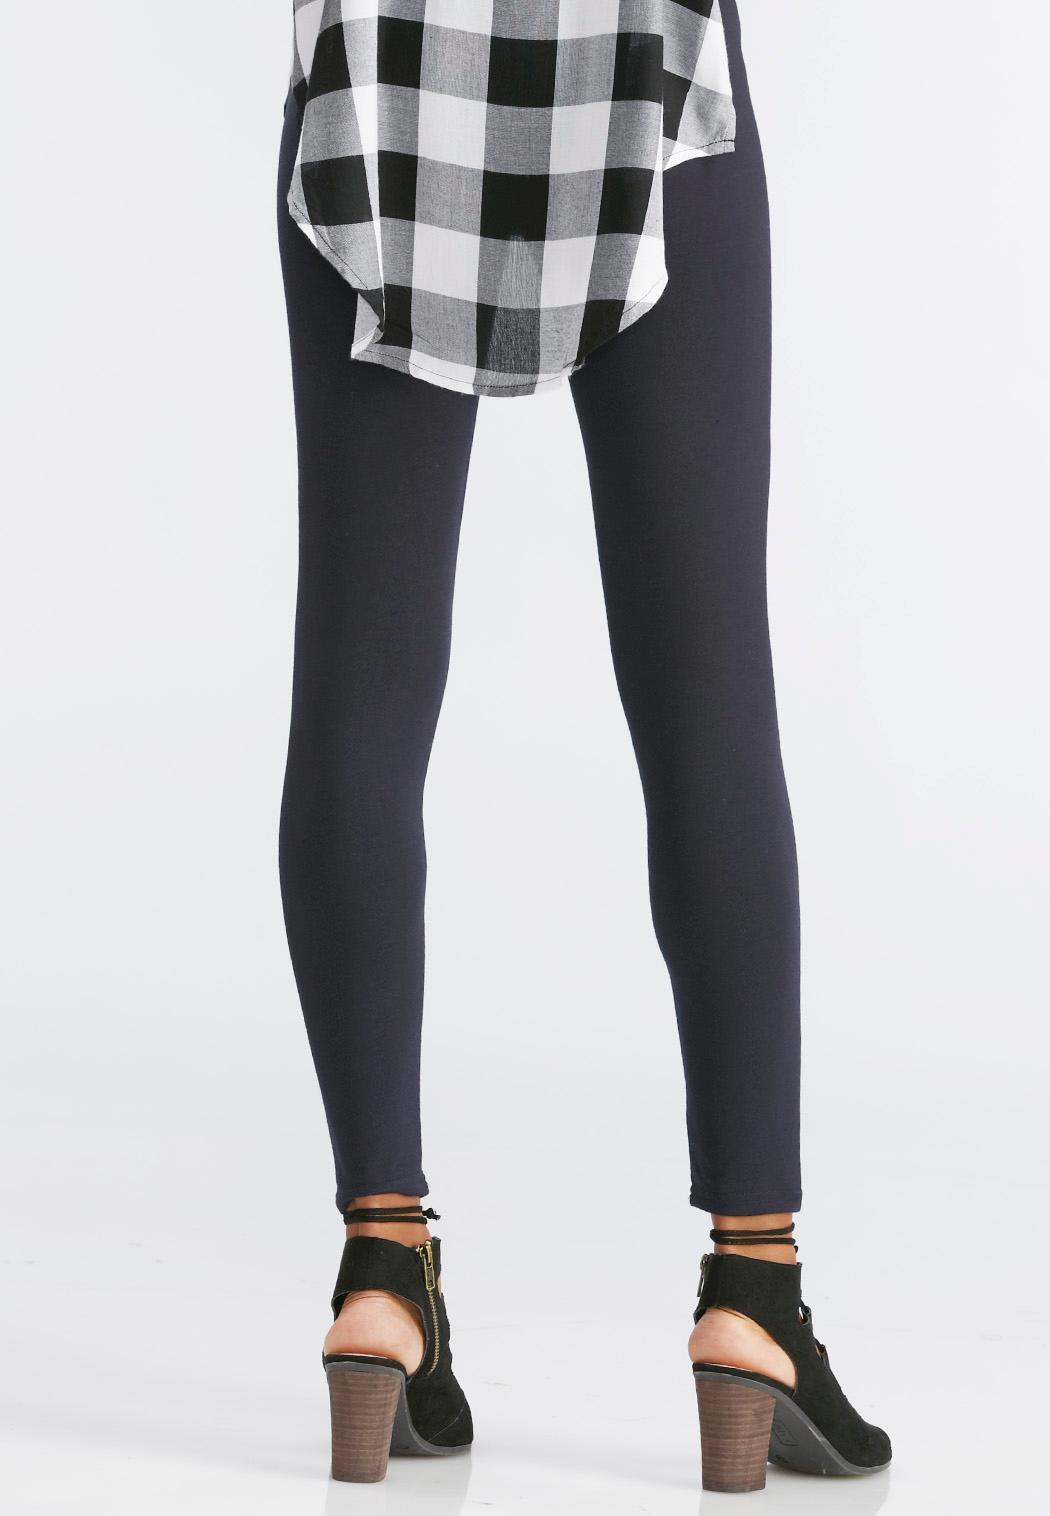 Essential Leggings (Item #37609658)